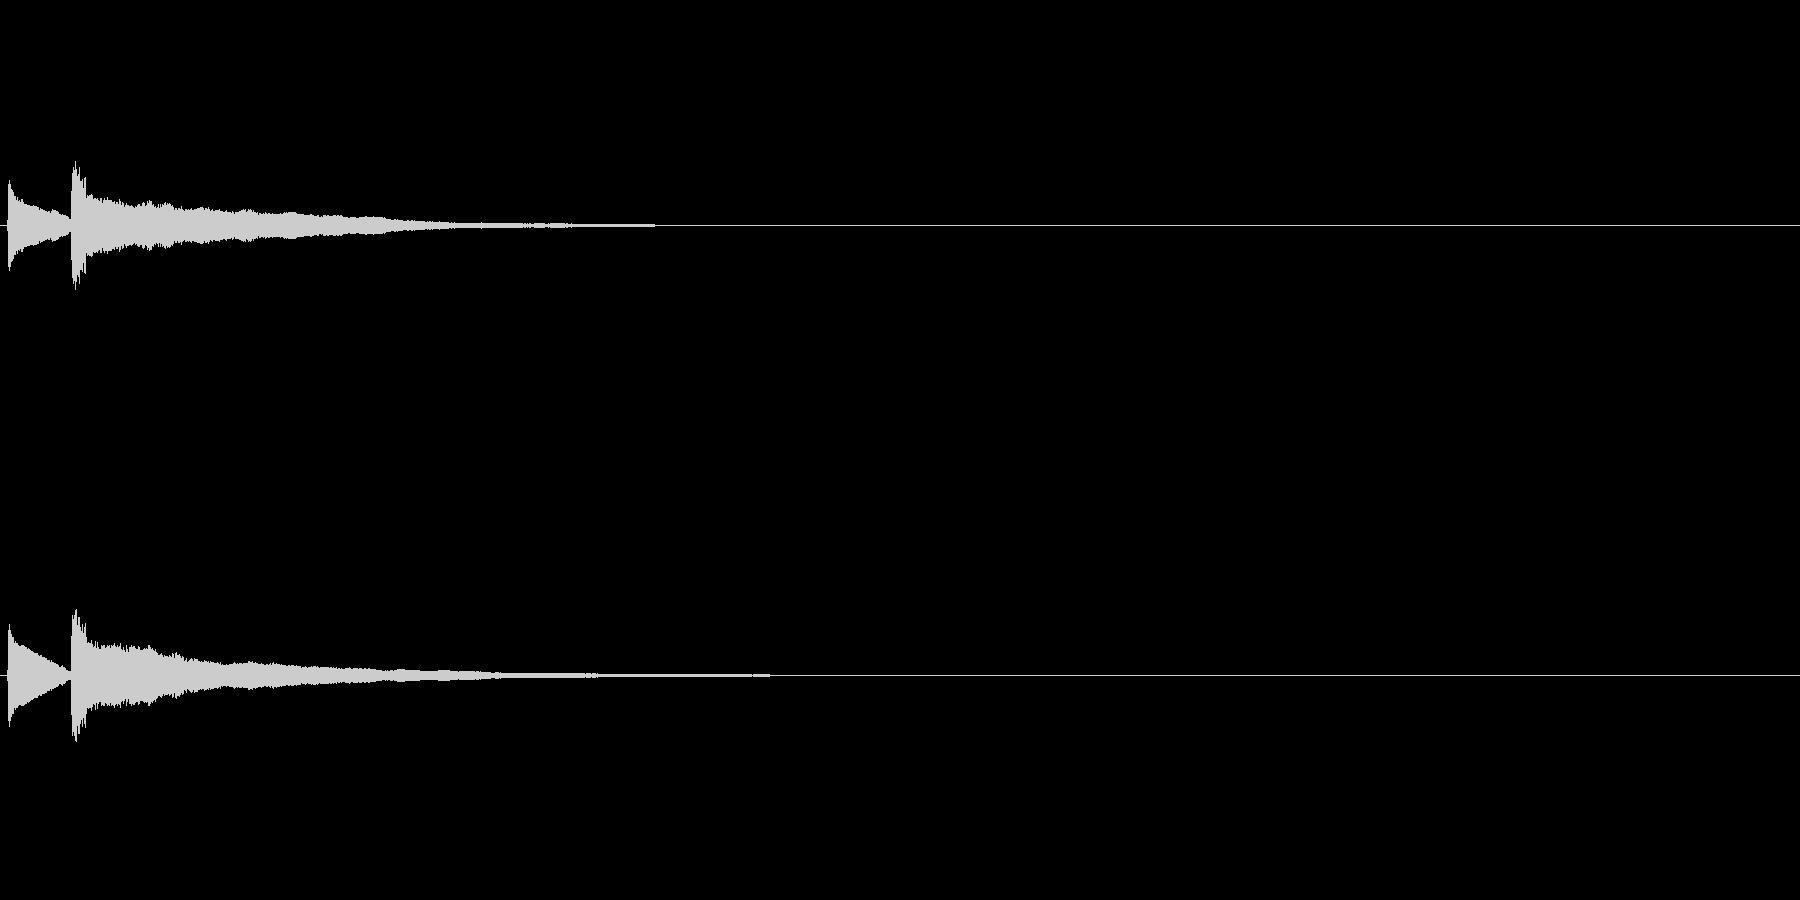 【ひらめき02-2】の未再生の波形